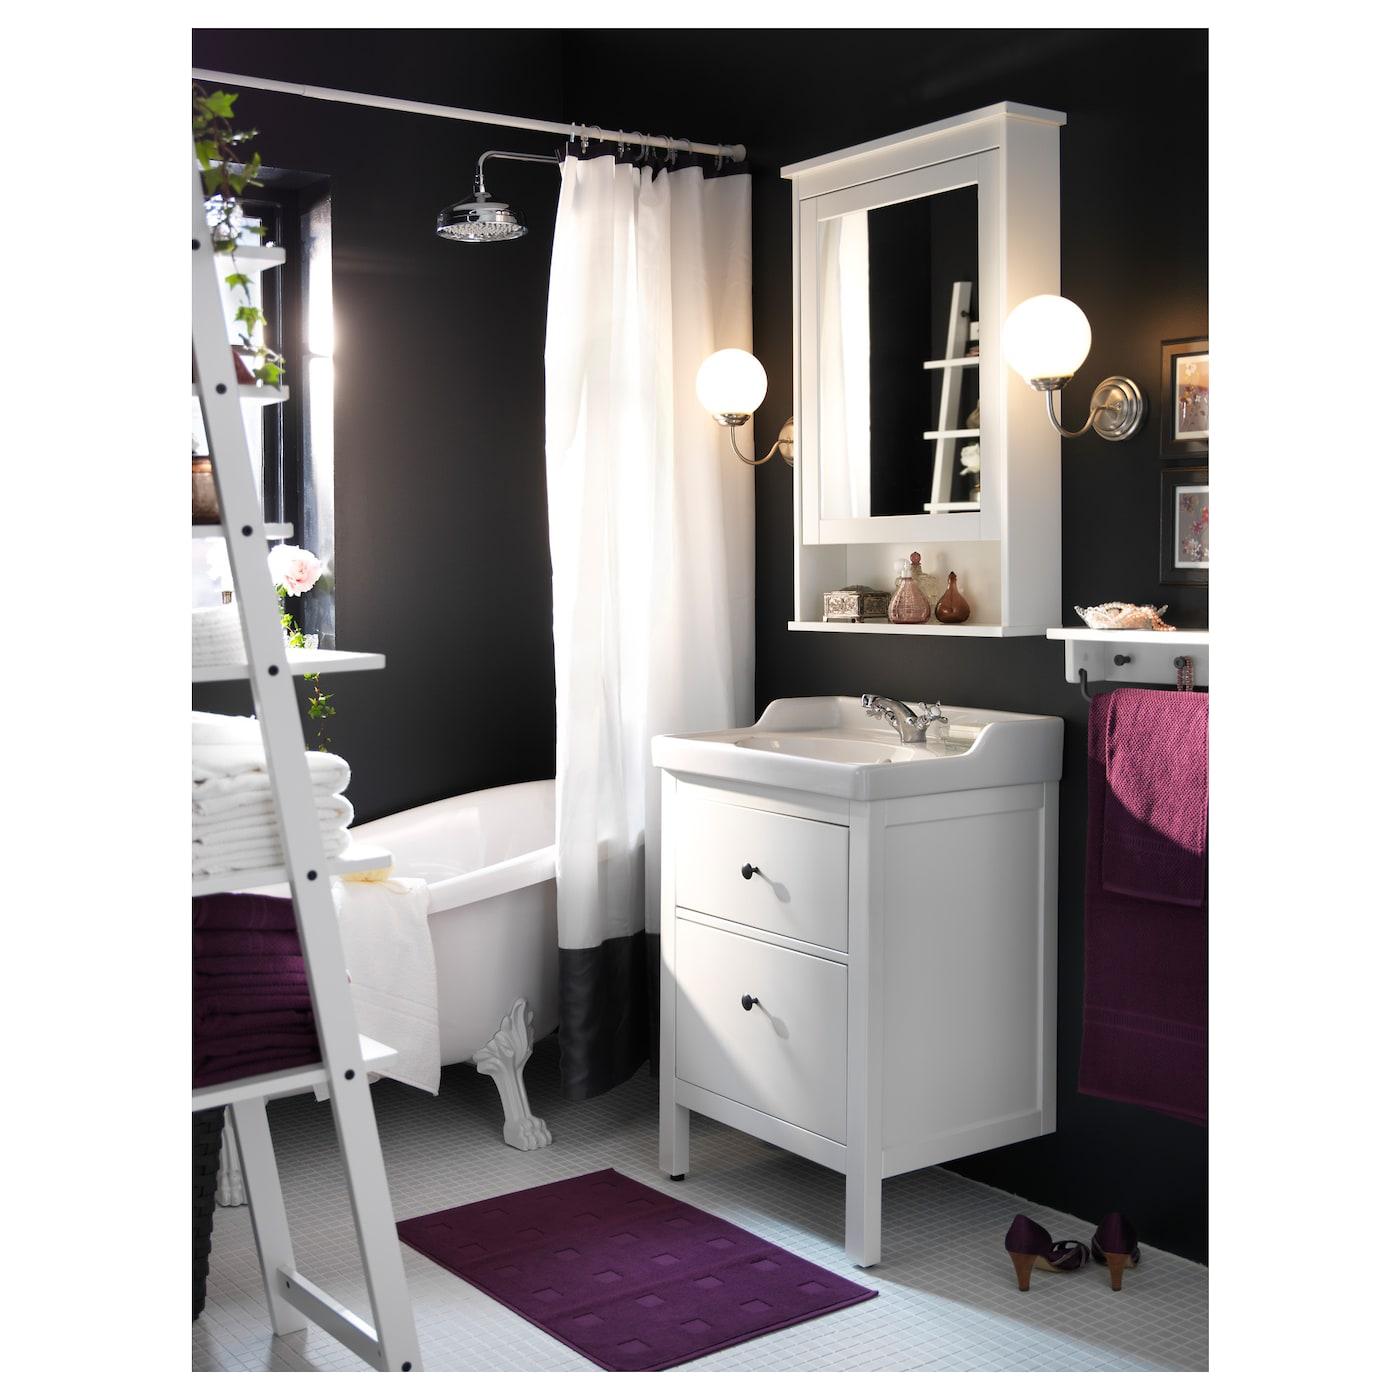 Hemnes armario con espejo 1 puerta blanco 63 x 16 x 98 cm ikea - Espejo blanco ikea ...